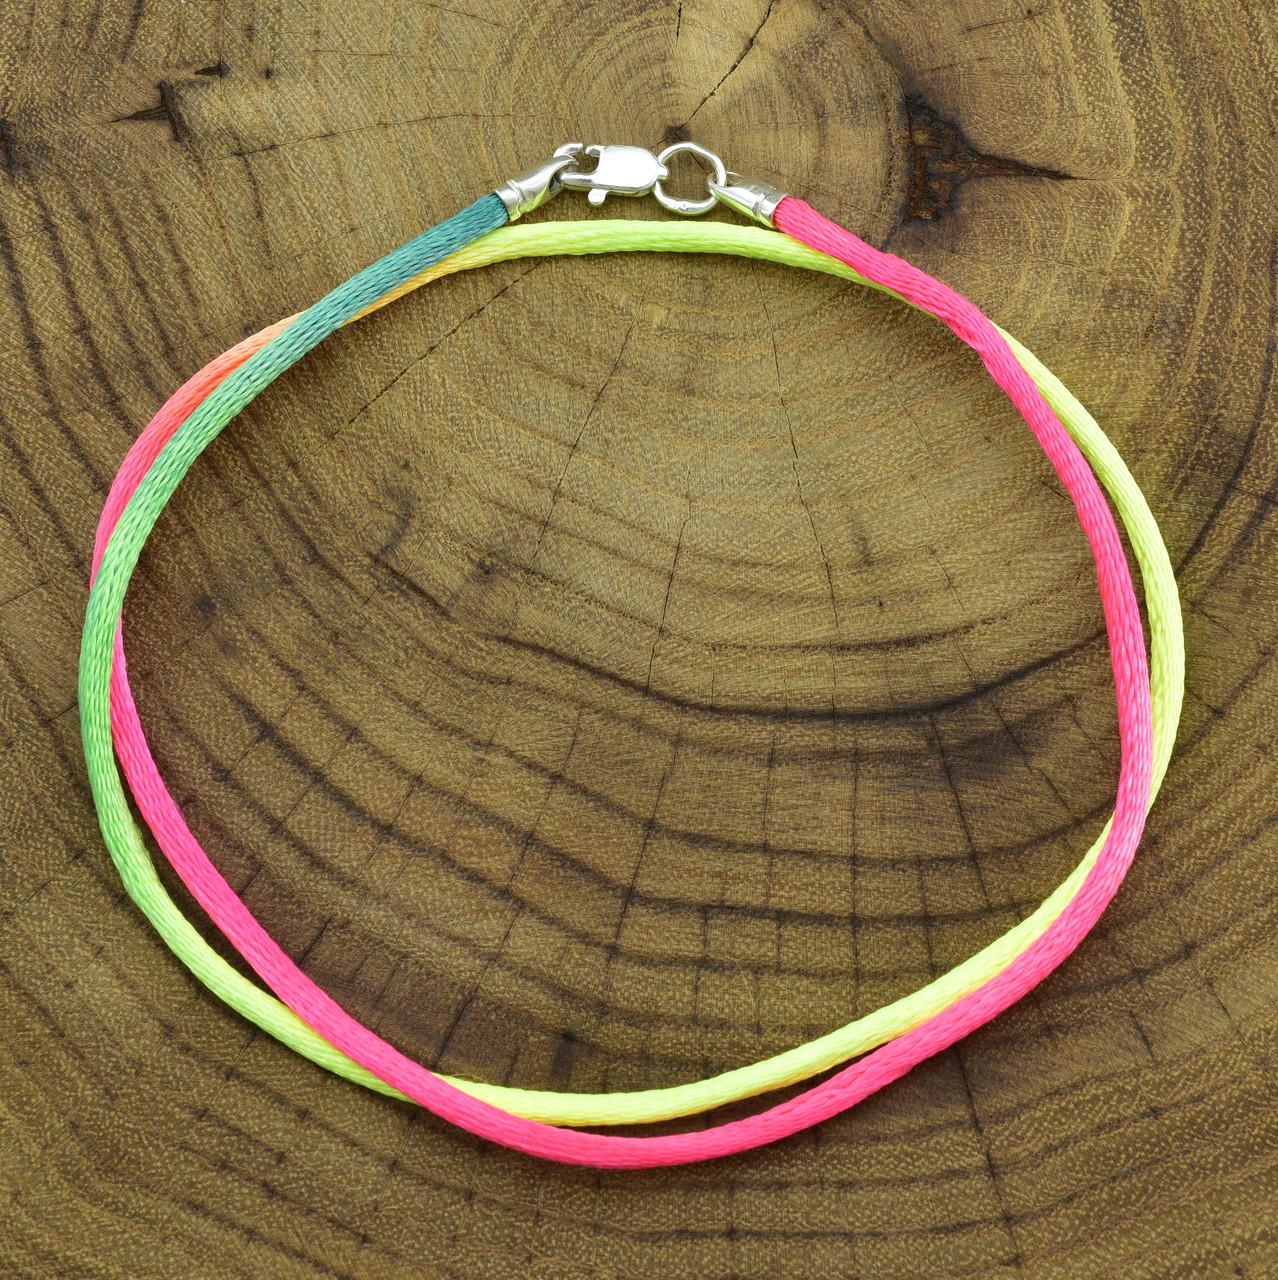 Шнурок шелковый цвет желто-розовый длина 45 см ширина 2 мм вес серебра 0.7 г